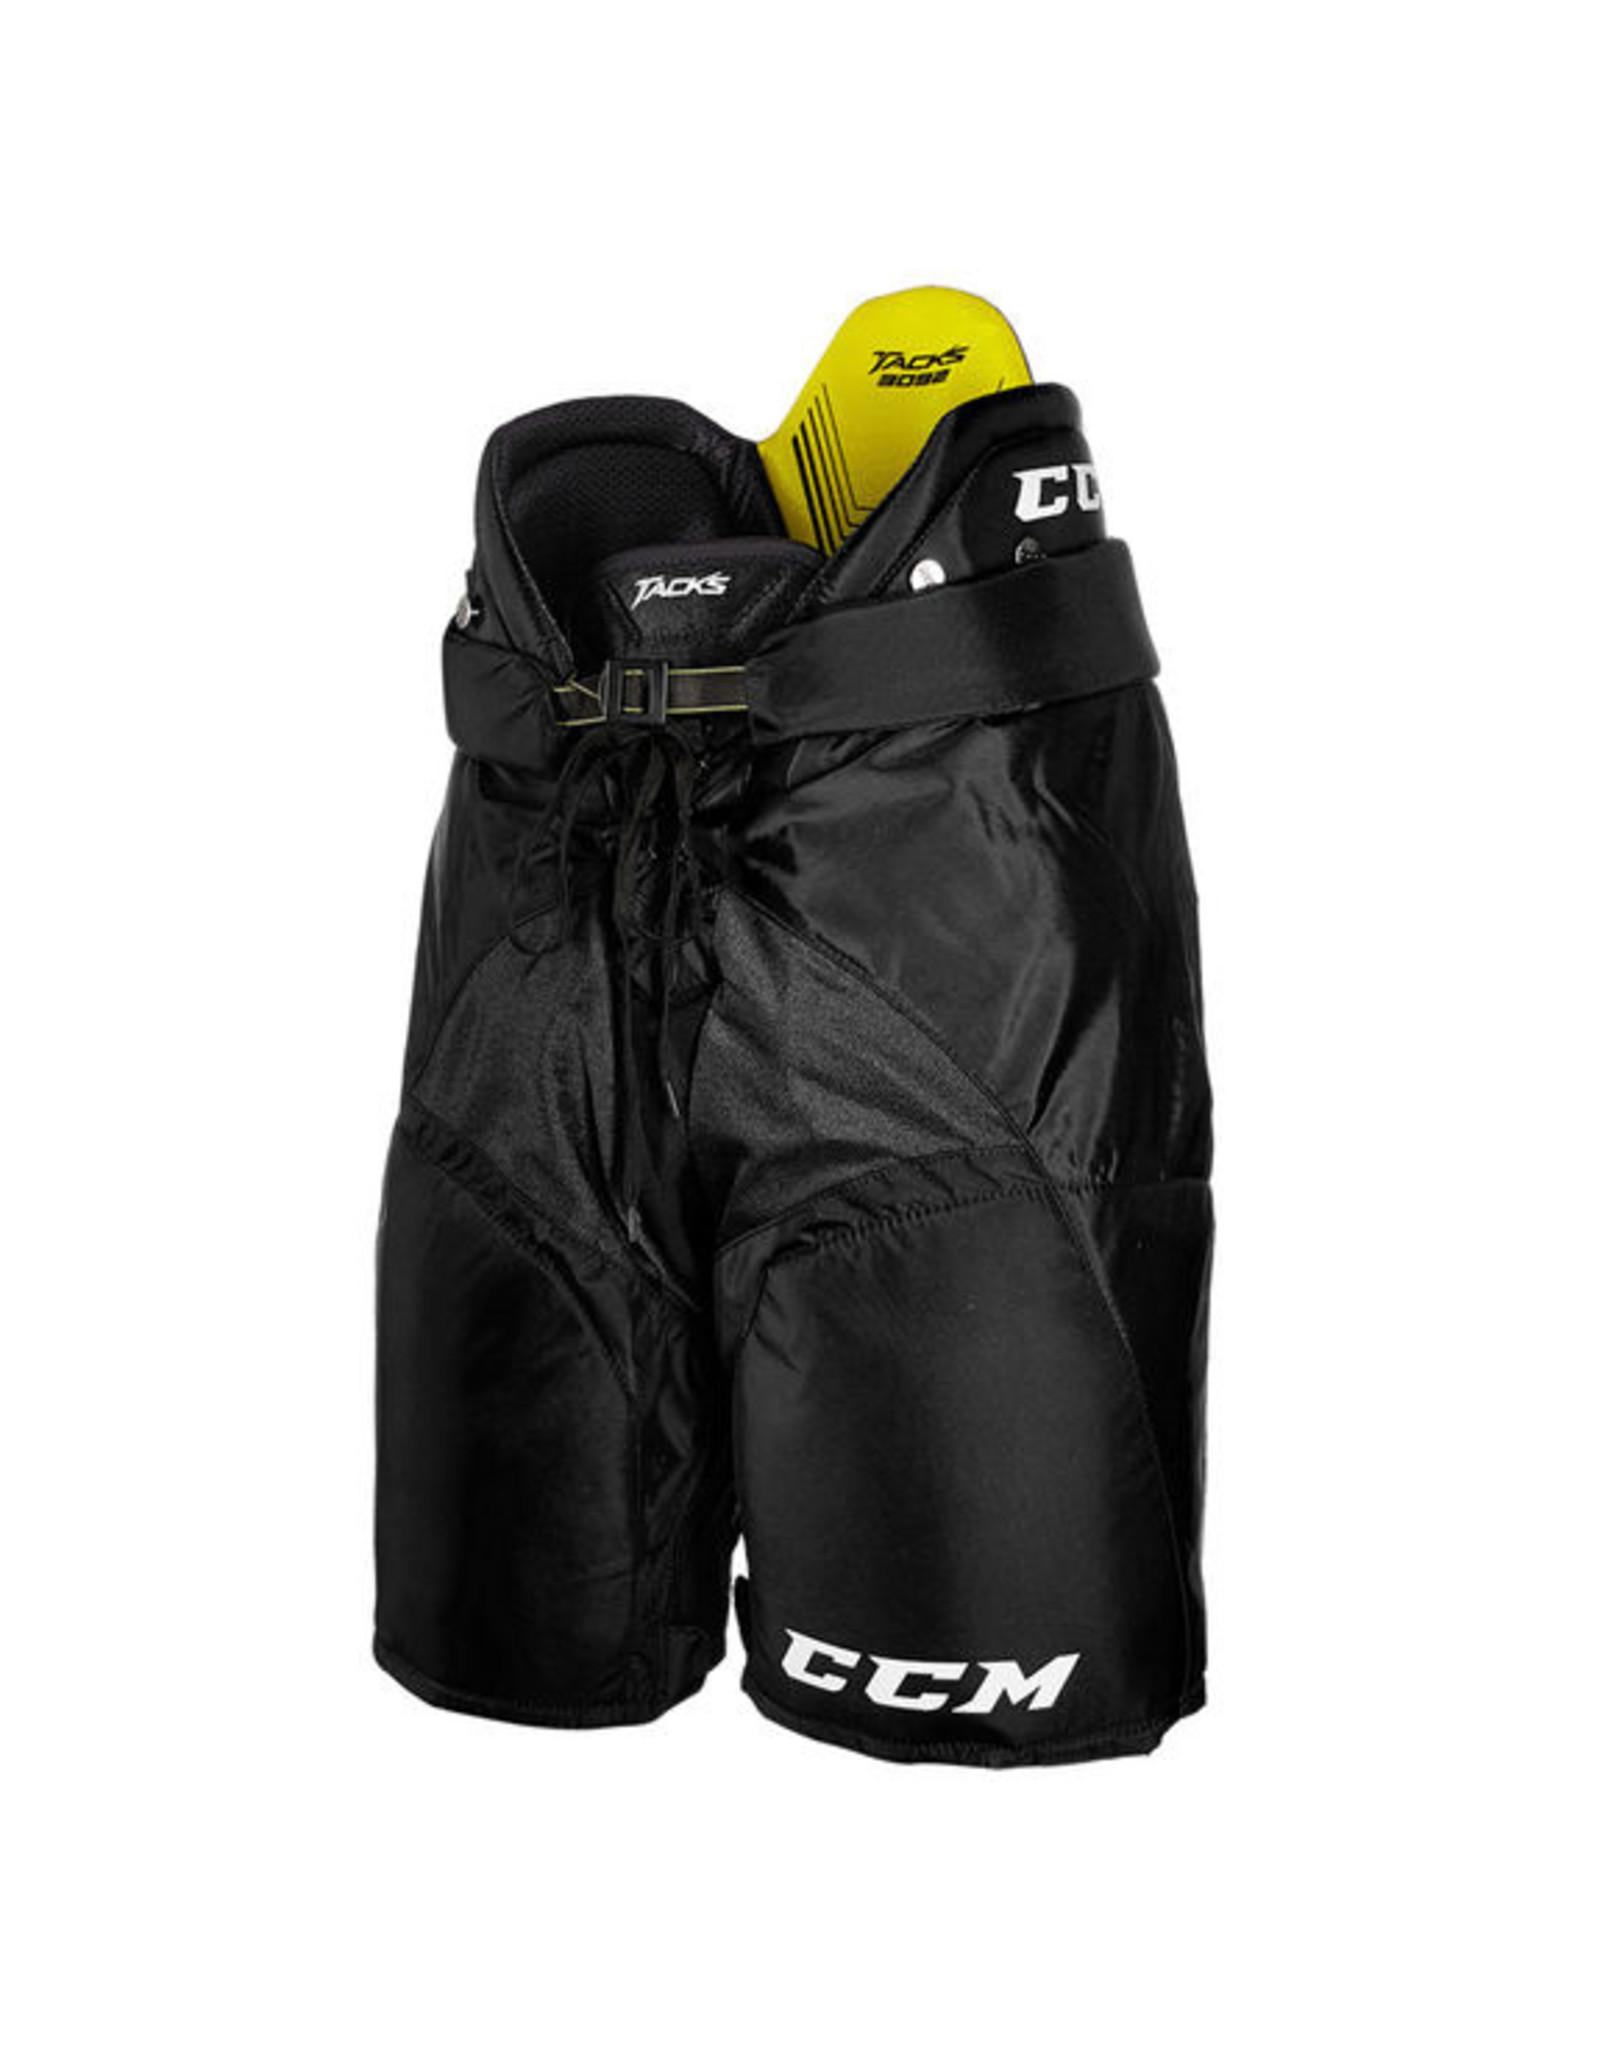 CCM Culottes CCM Ultra Tacks 2.0 JR